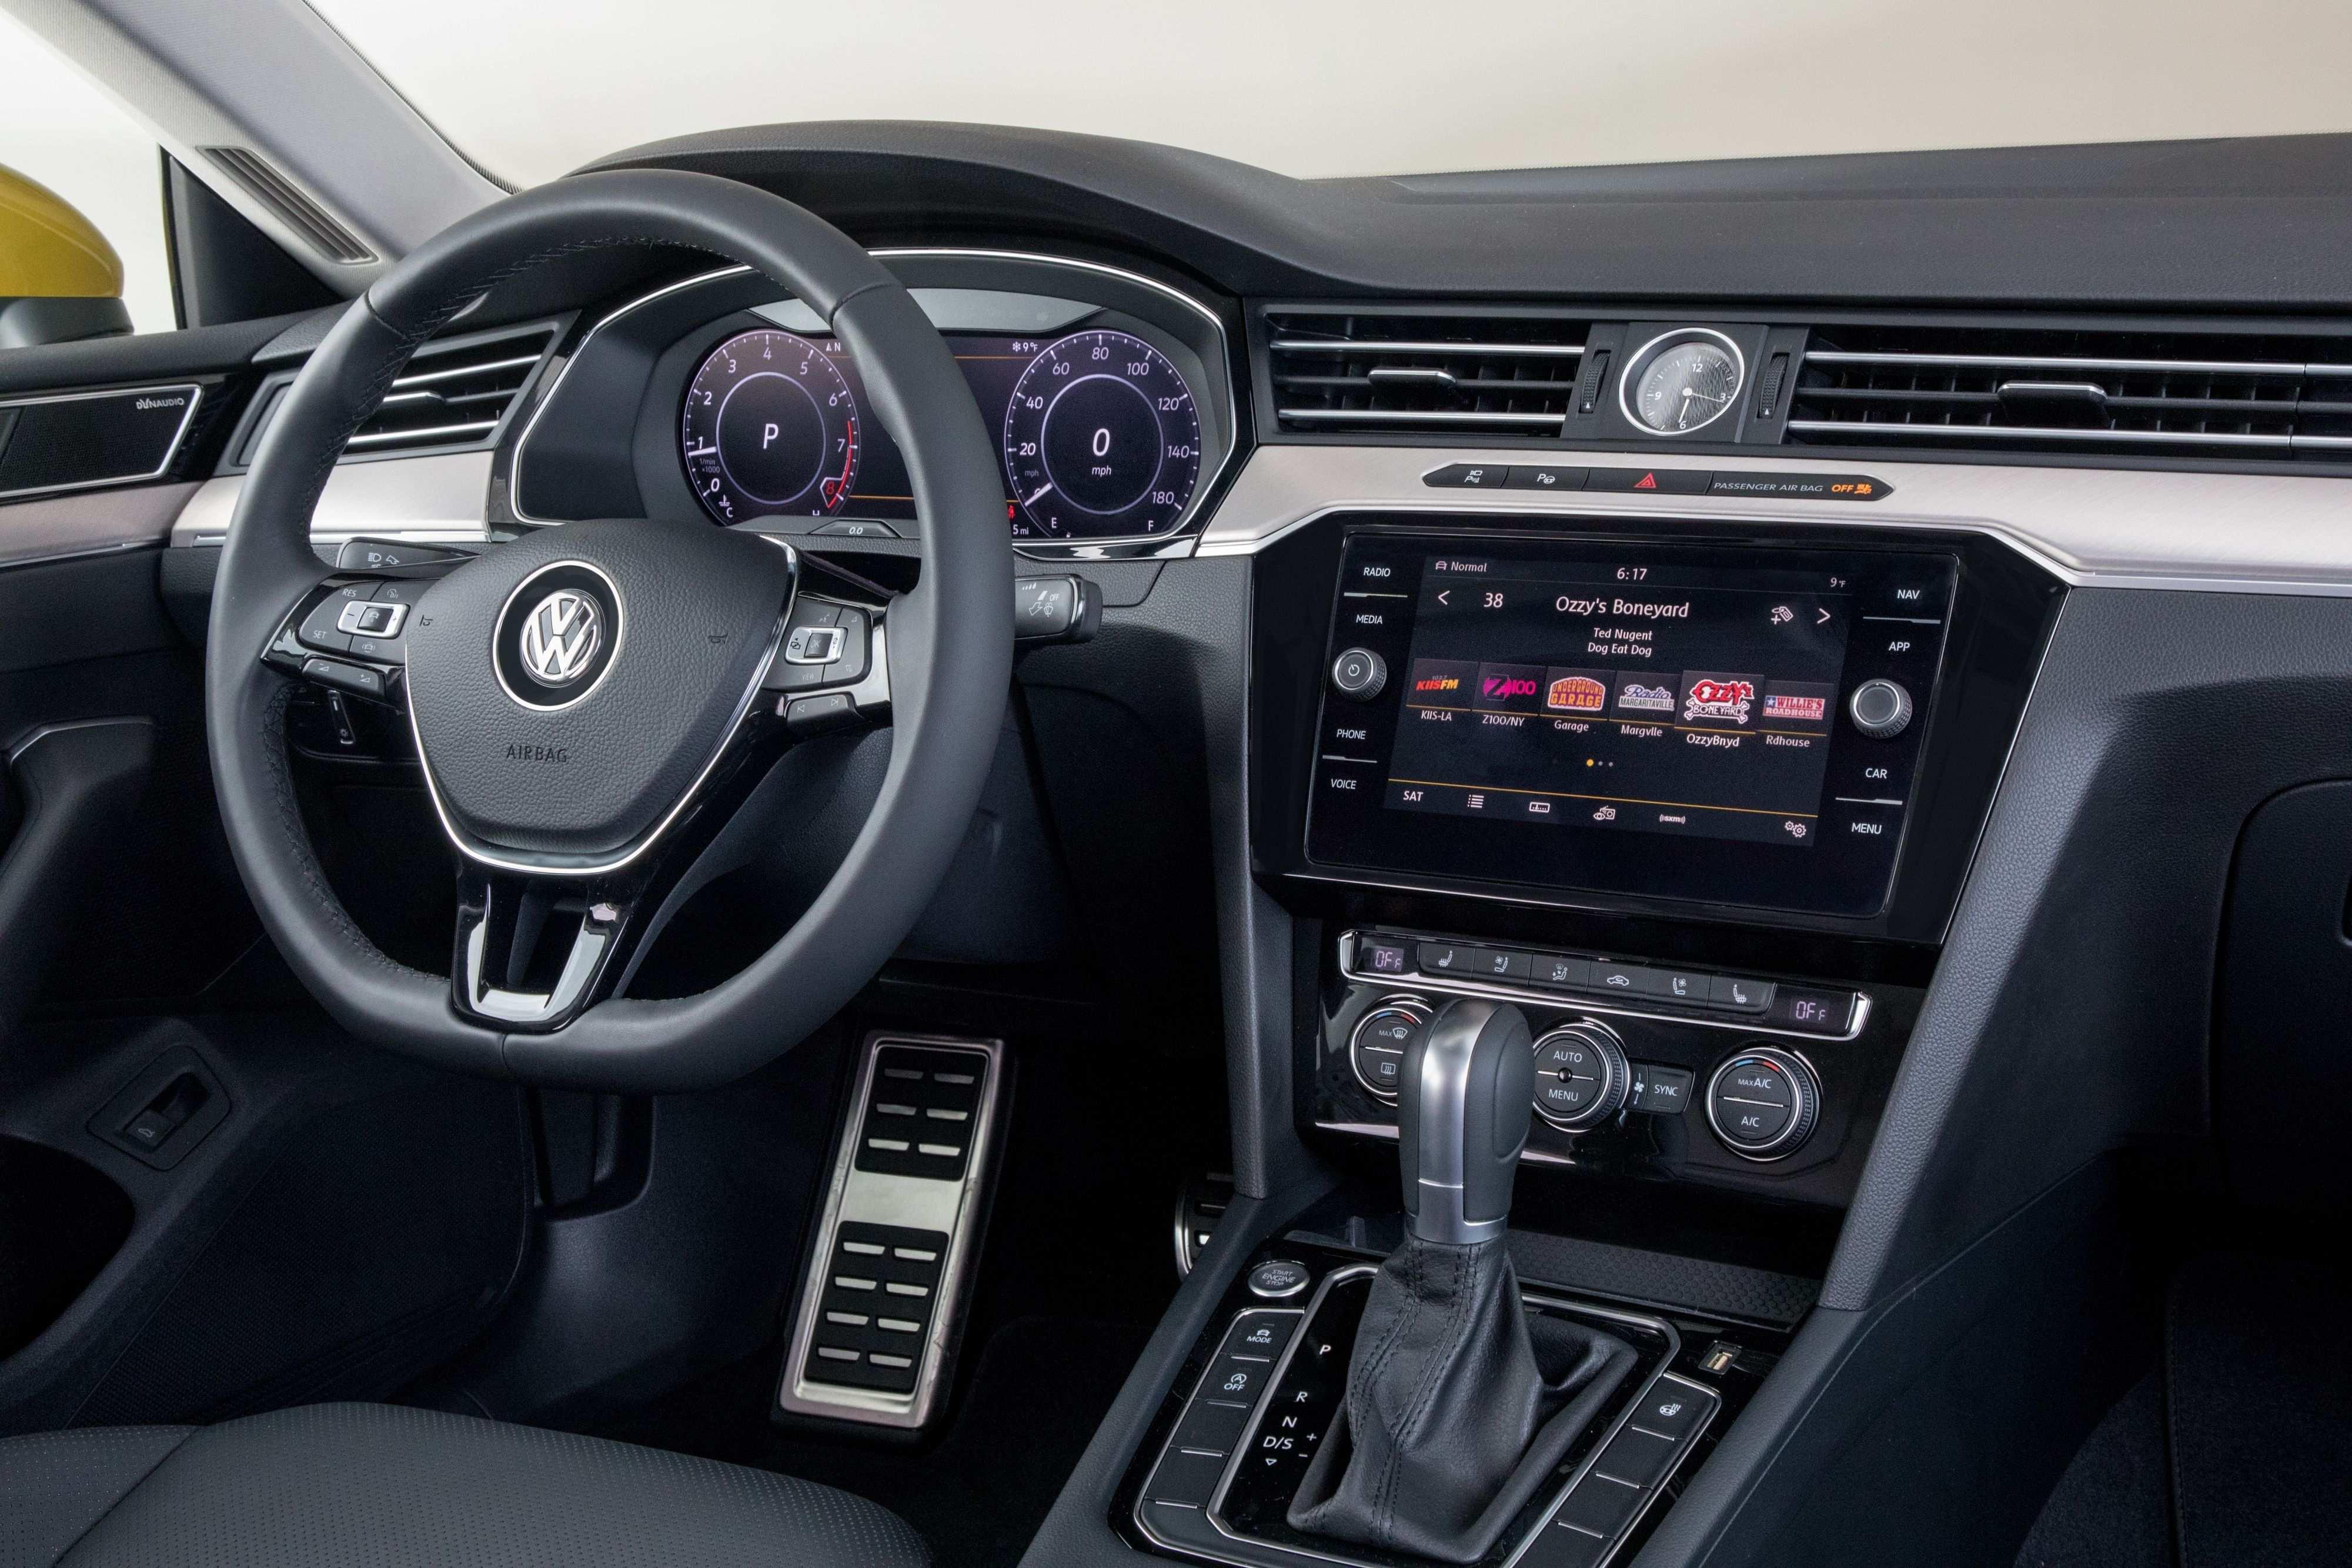 40 The The Volkswagen Passat 2019 Interior Spy Shoot Photos for The Volkswagen Passat 2019 Interior Spy Shoot